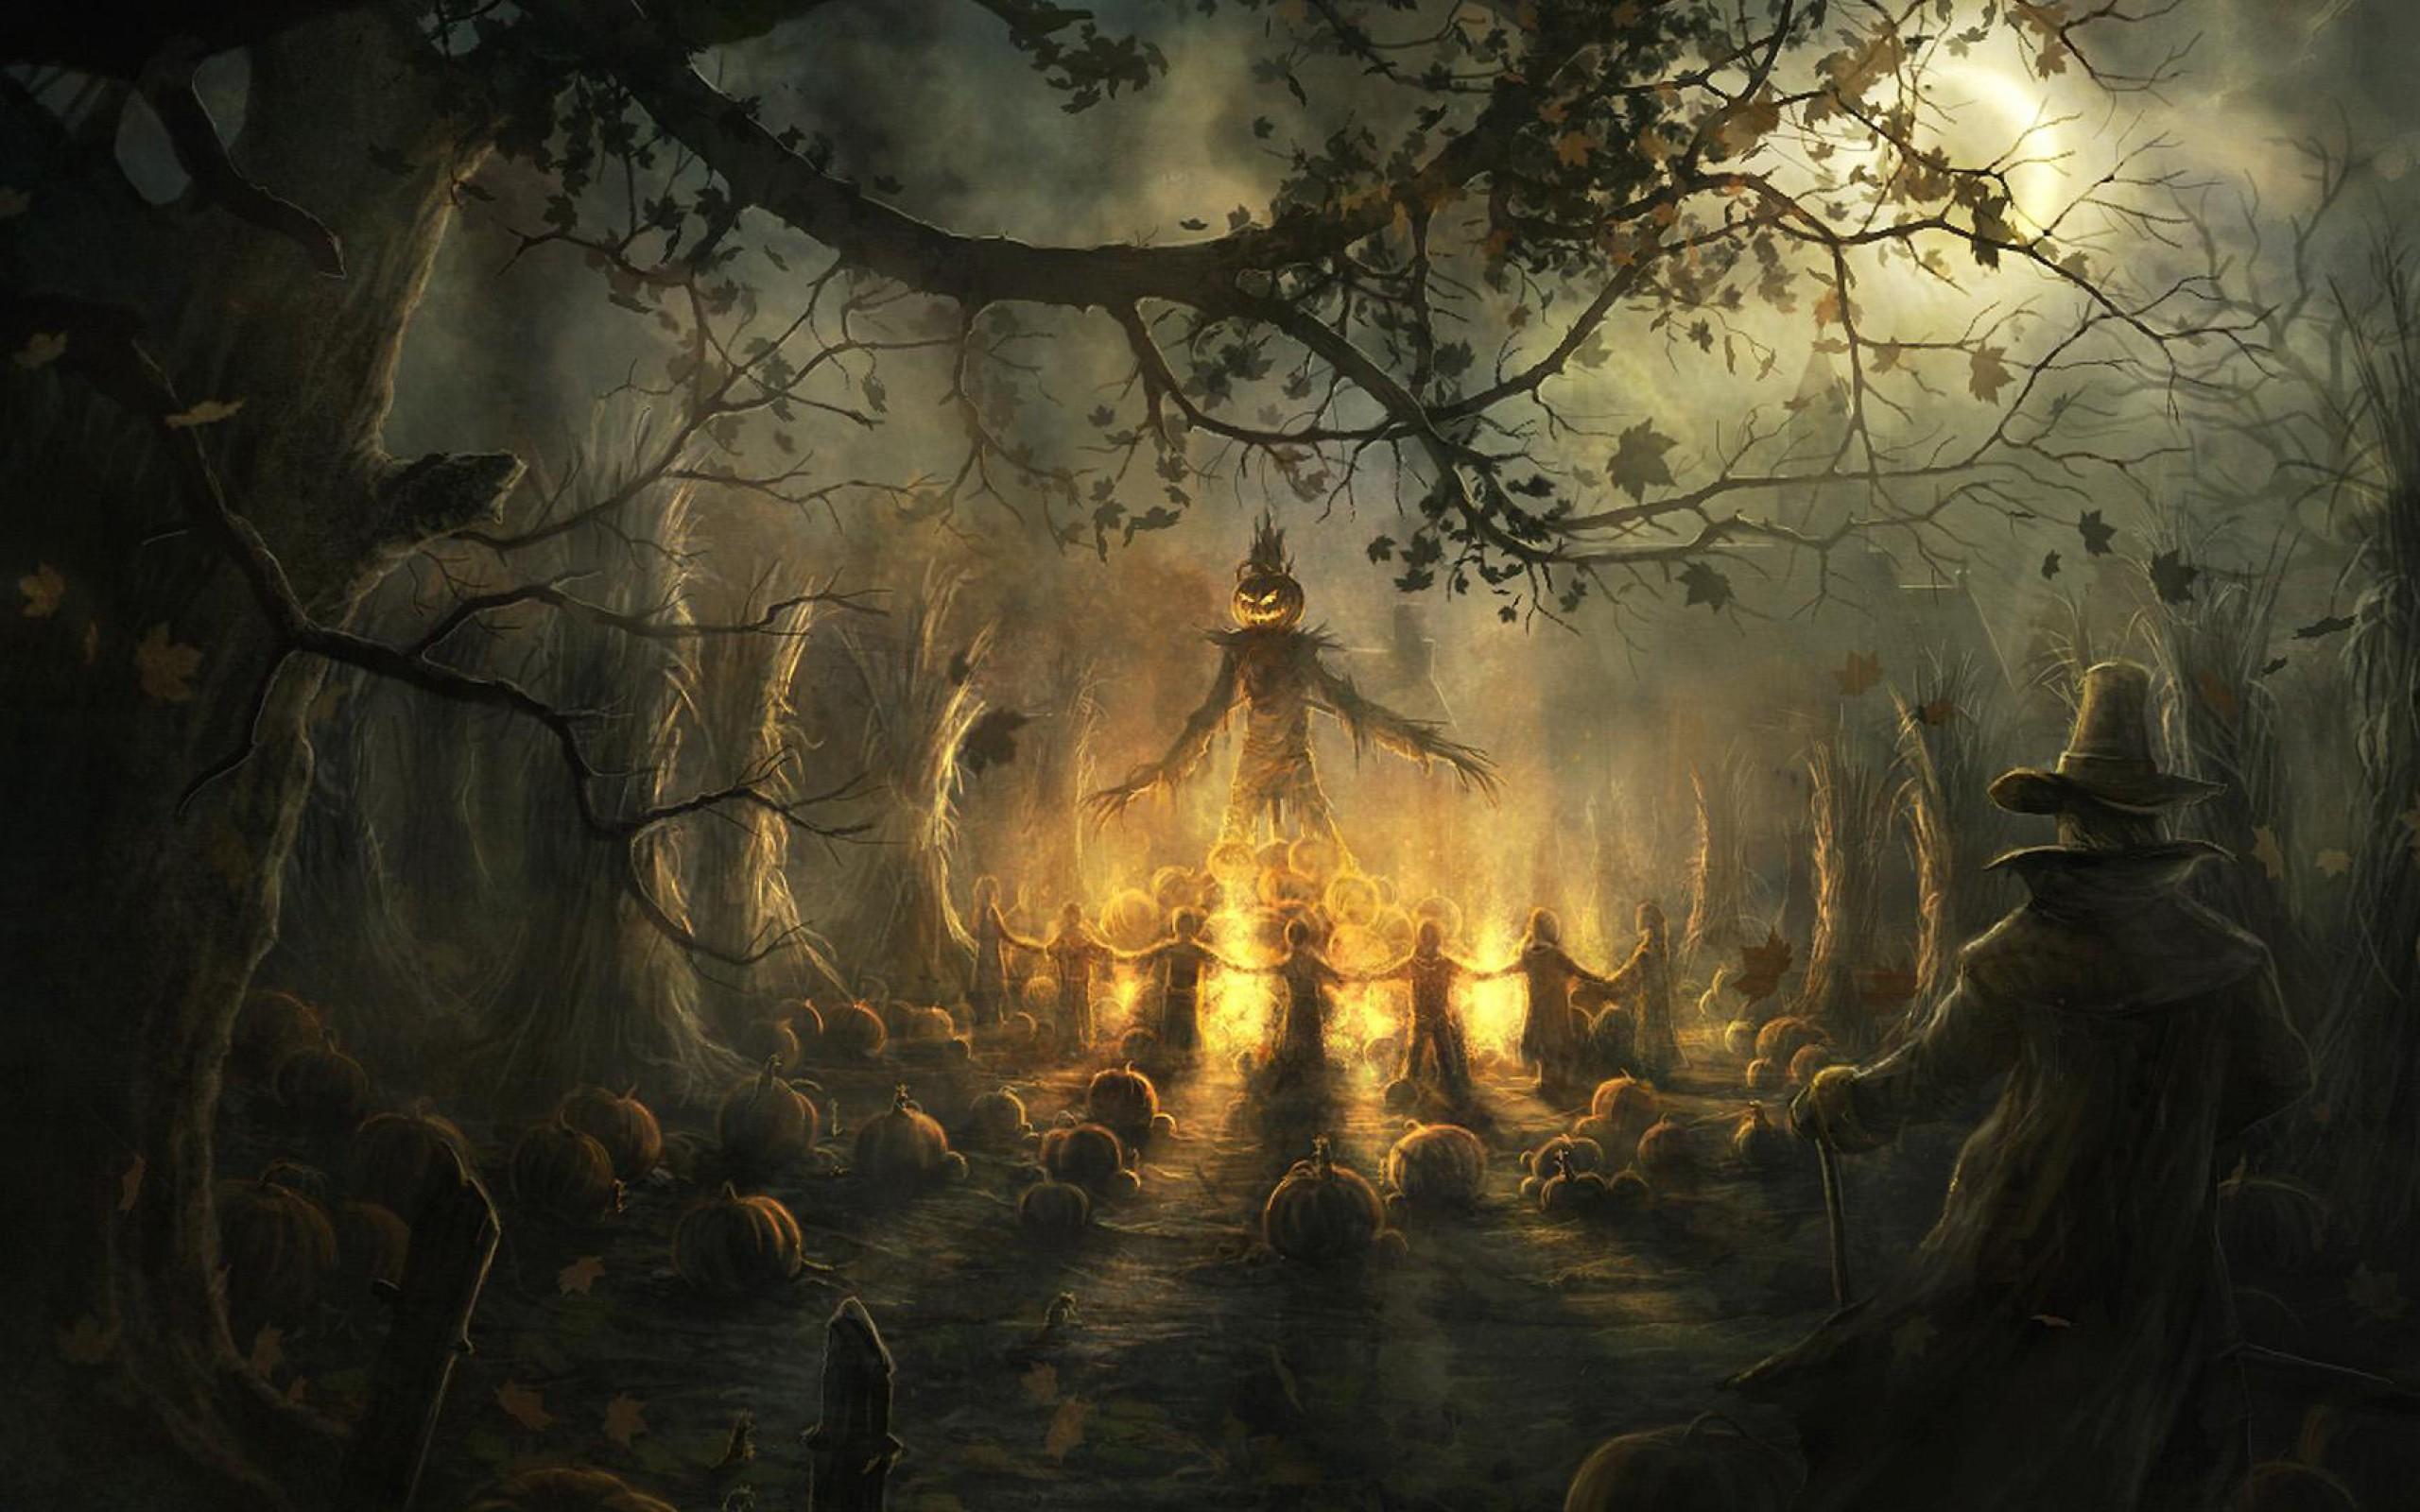 Horror Halloween Wallpaper For IPhone Wallpaper WallpaperLepi 2560x1600